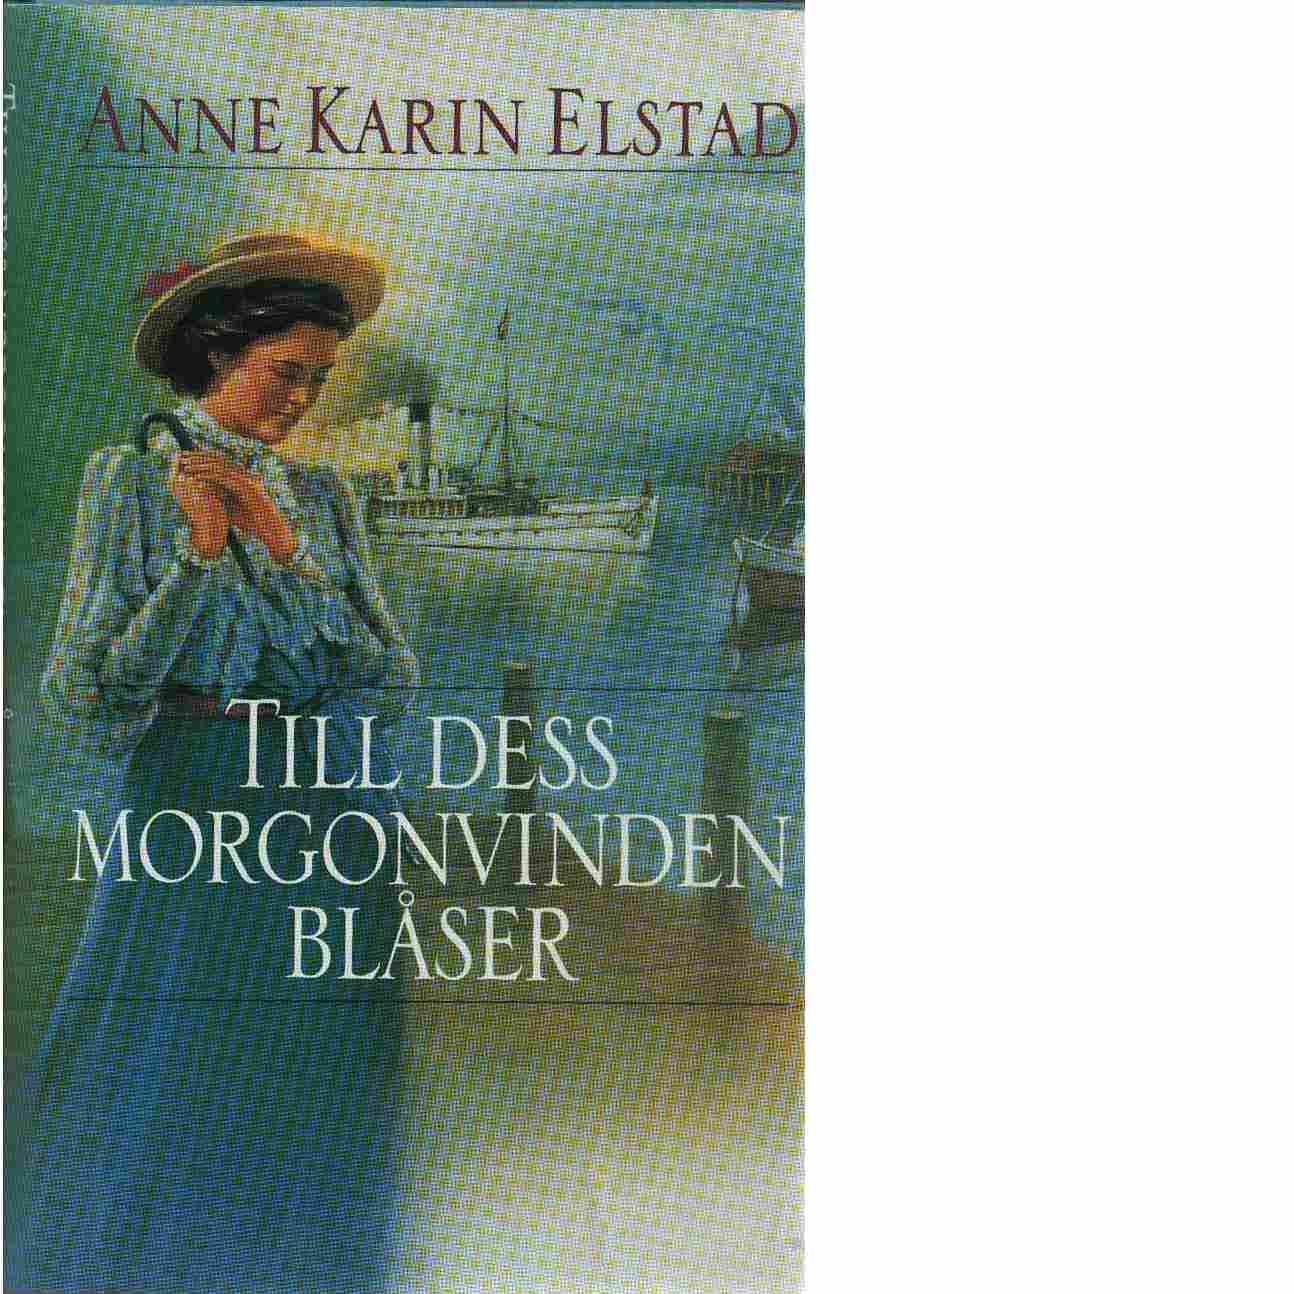 Till dess morgonvinden blåser - Elstad, Anne Karin